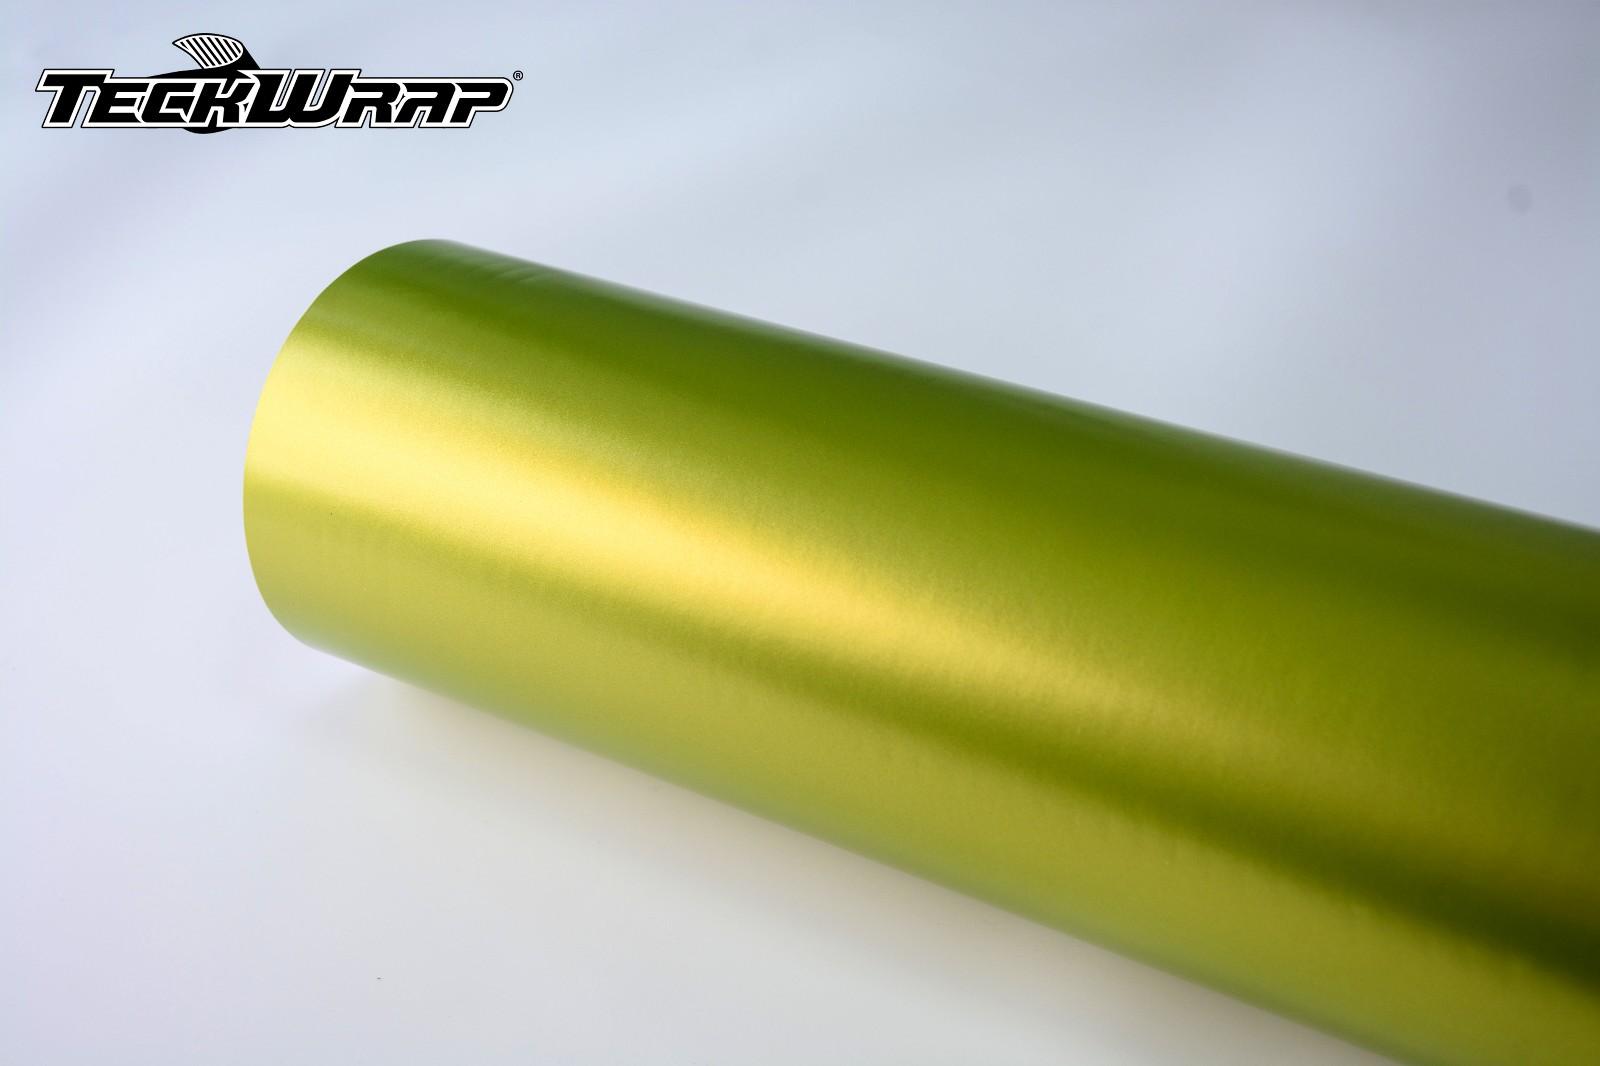 电光柠檬绿汽车保护膜 第4张-汽车内饰翻新-座椅改装-漆面保护贴膜-品牌隐形车衣   名车汇